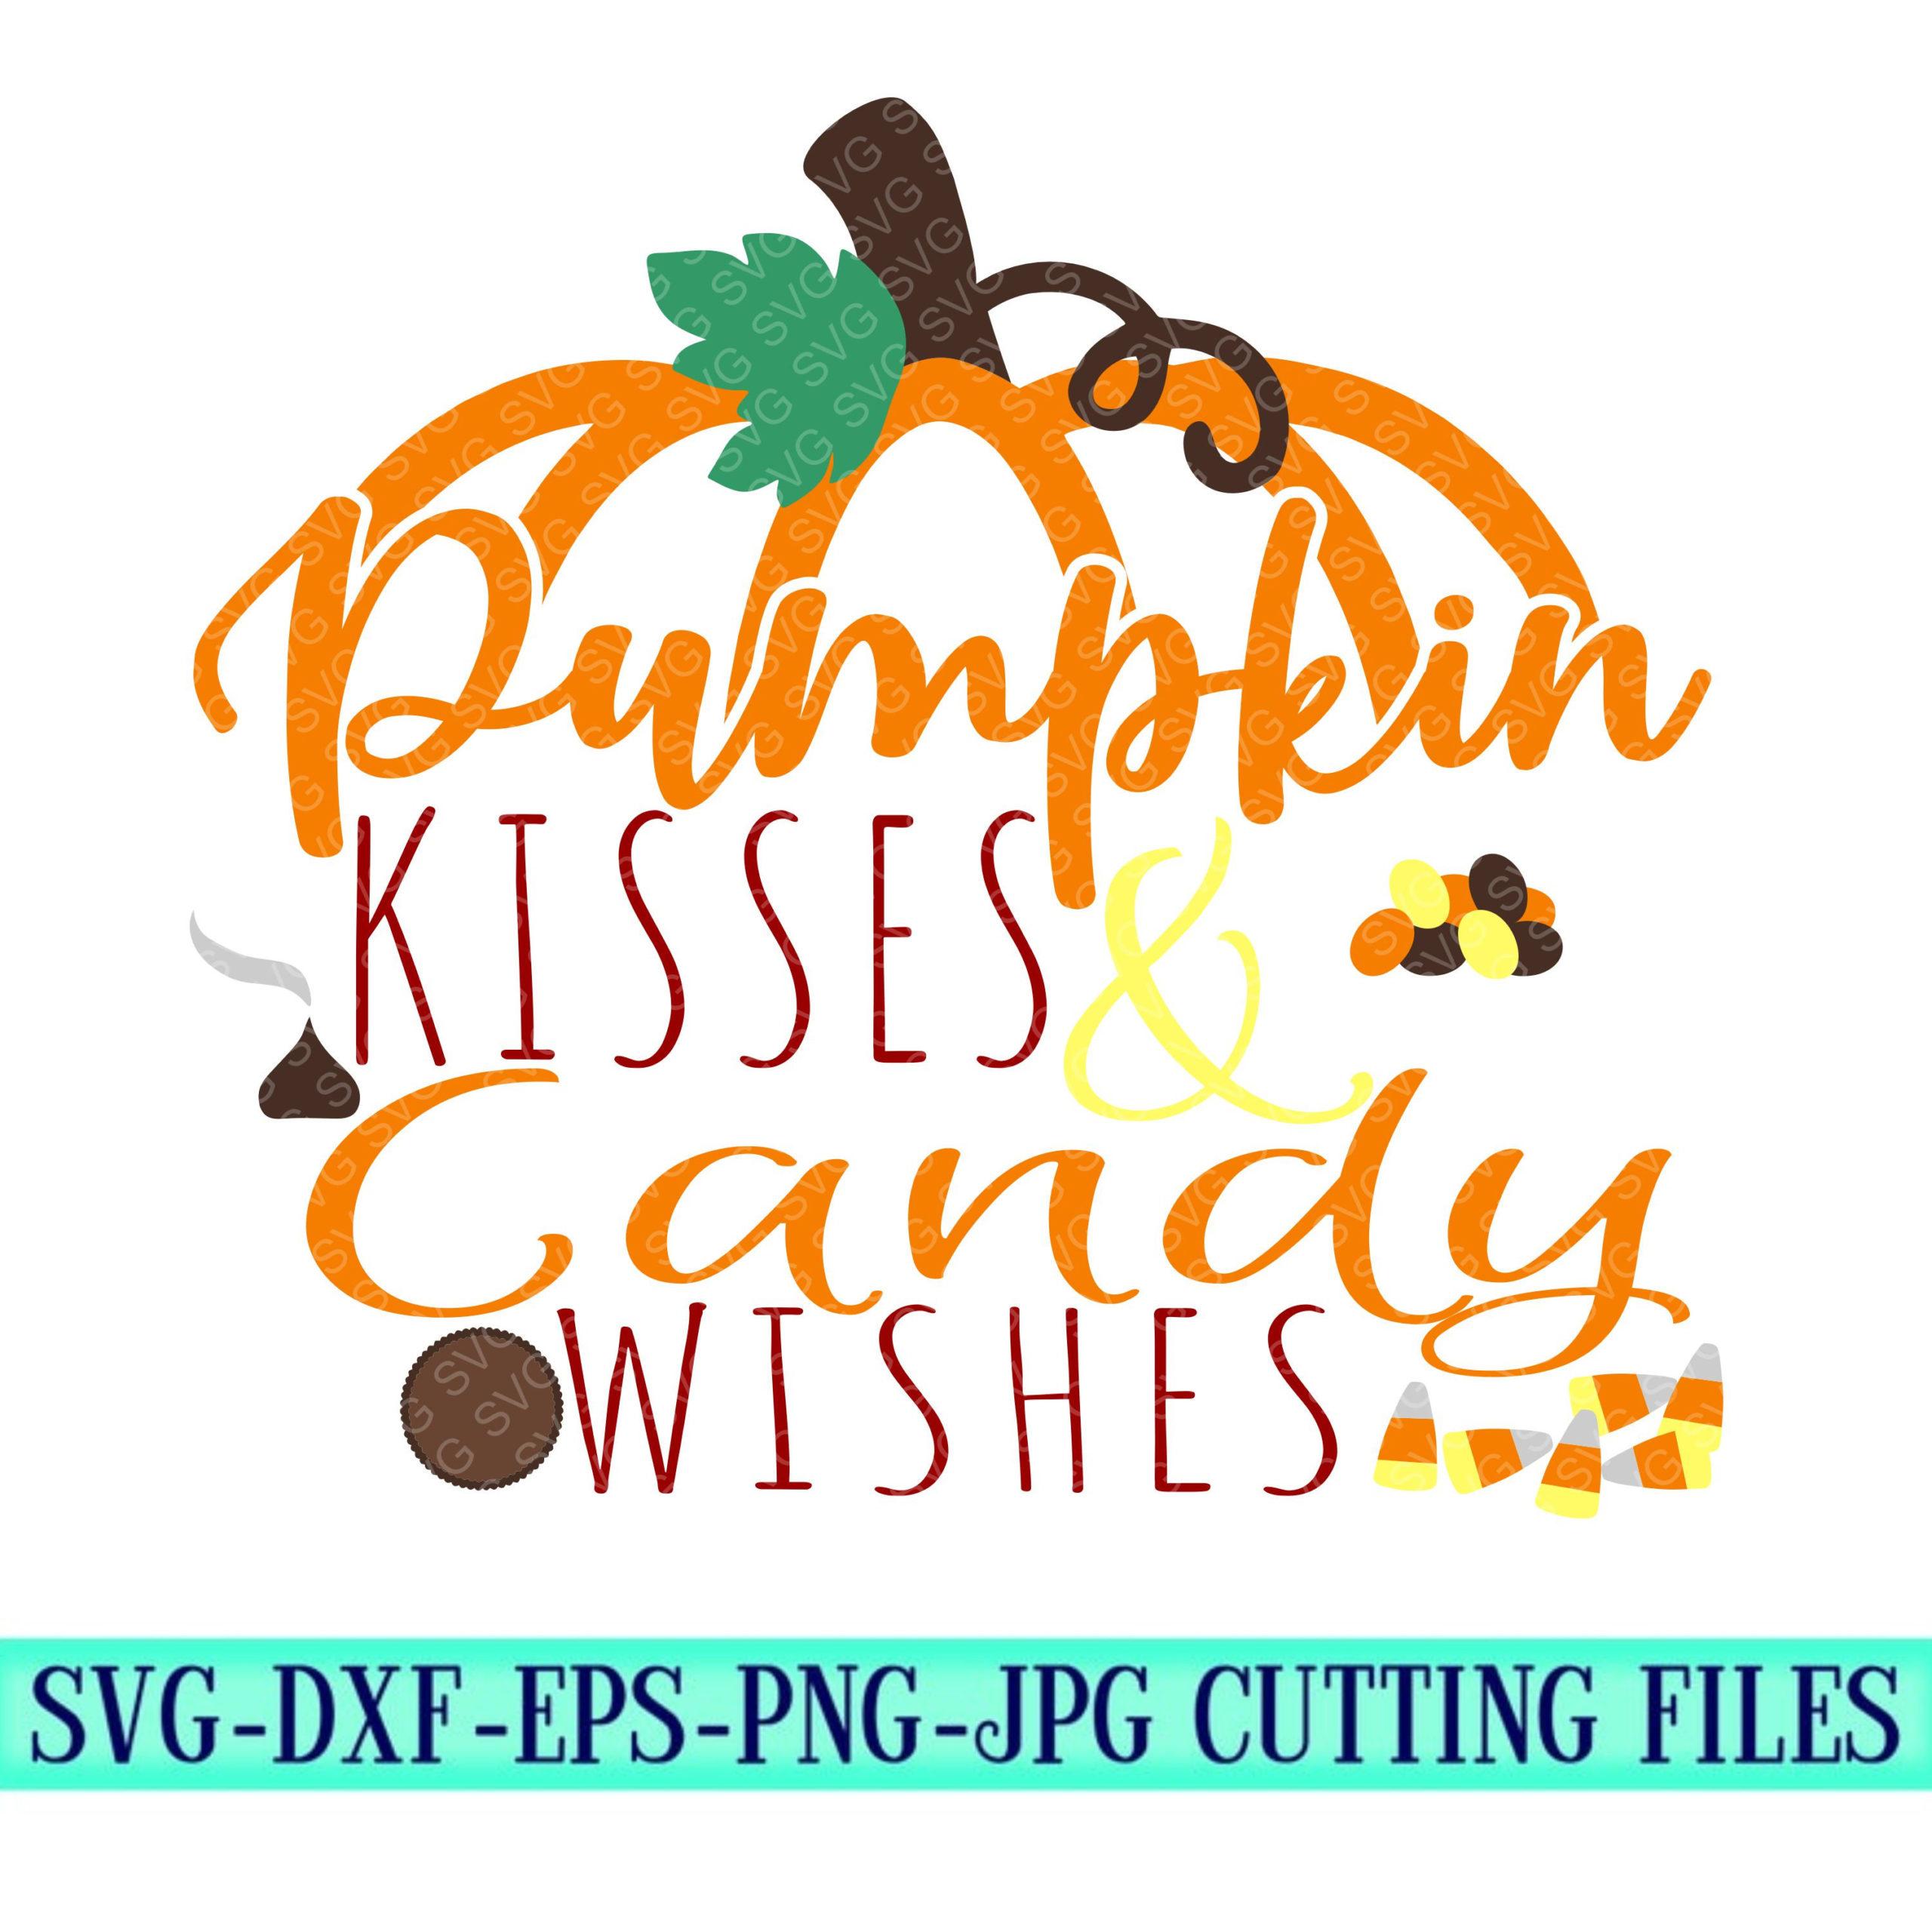 Pumpkin-kisses-candy-wishes-svgpumpkin-svg-fall-time-svg-fall-svg-pumpkins-svg-fall-svg-designcricut-svgsvg-for-mobile-5f6f70c7